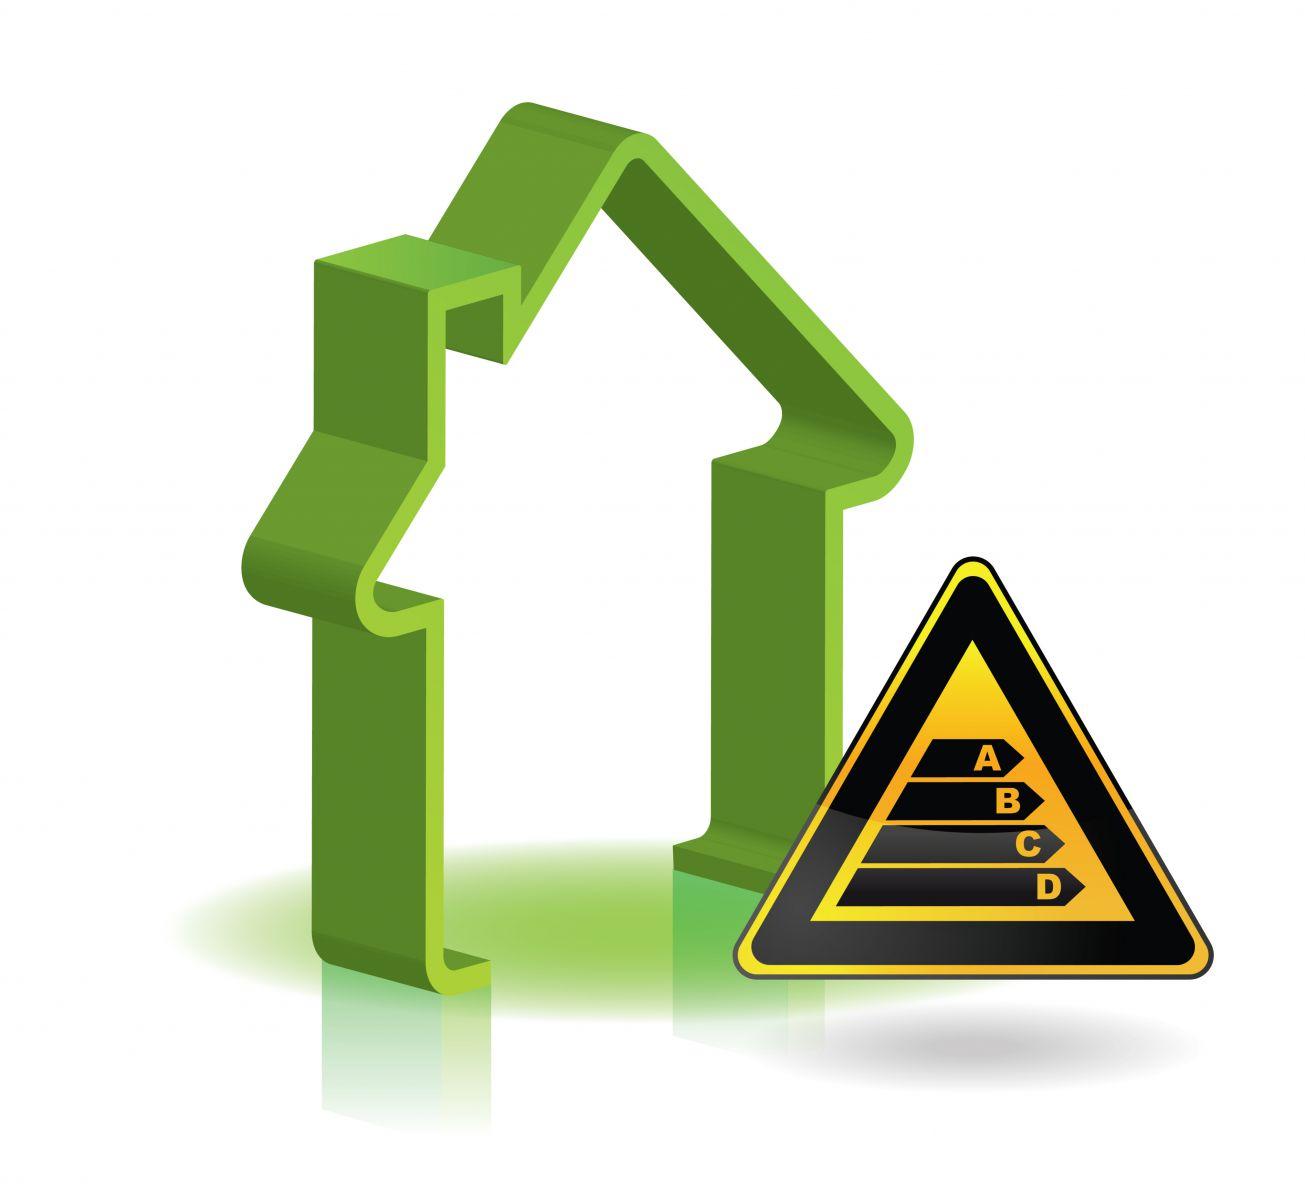 Le dpe pour toute vente ou location effidiag service - Dpe location obligatoire depuis quand ...